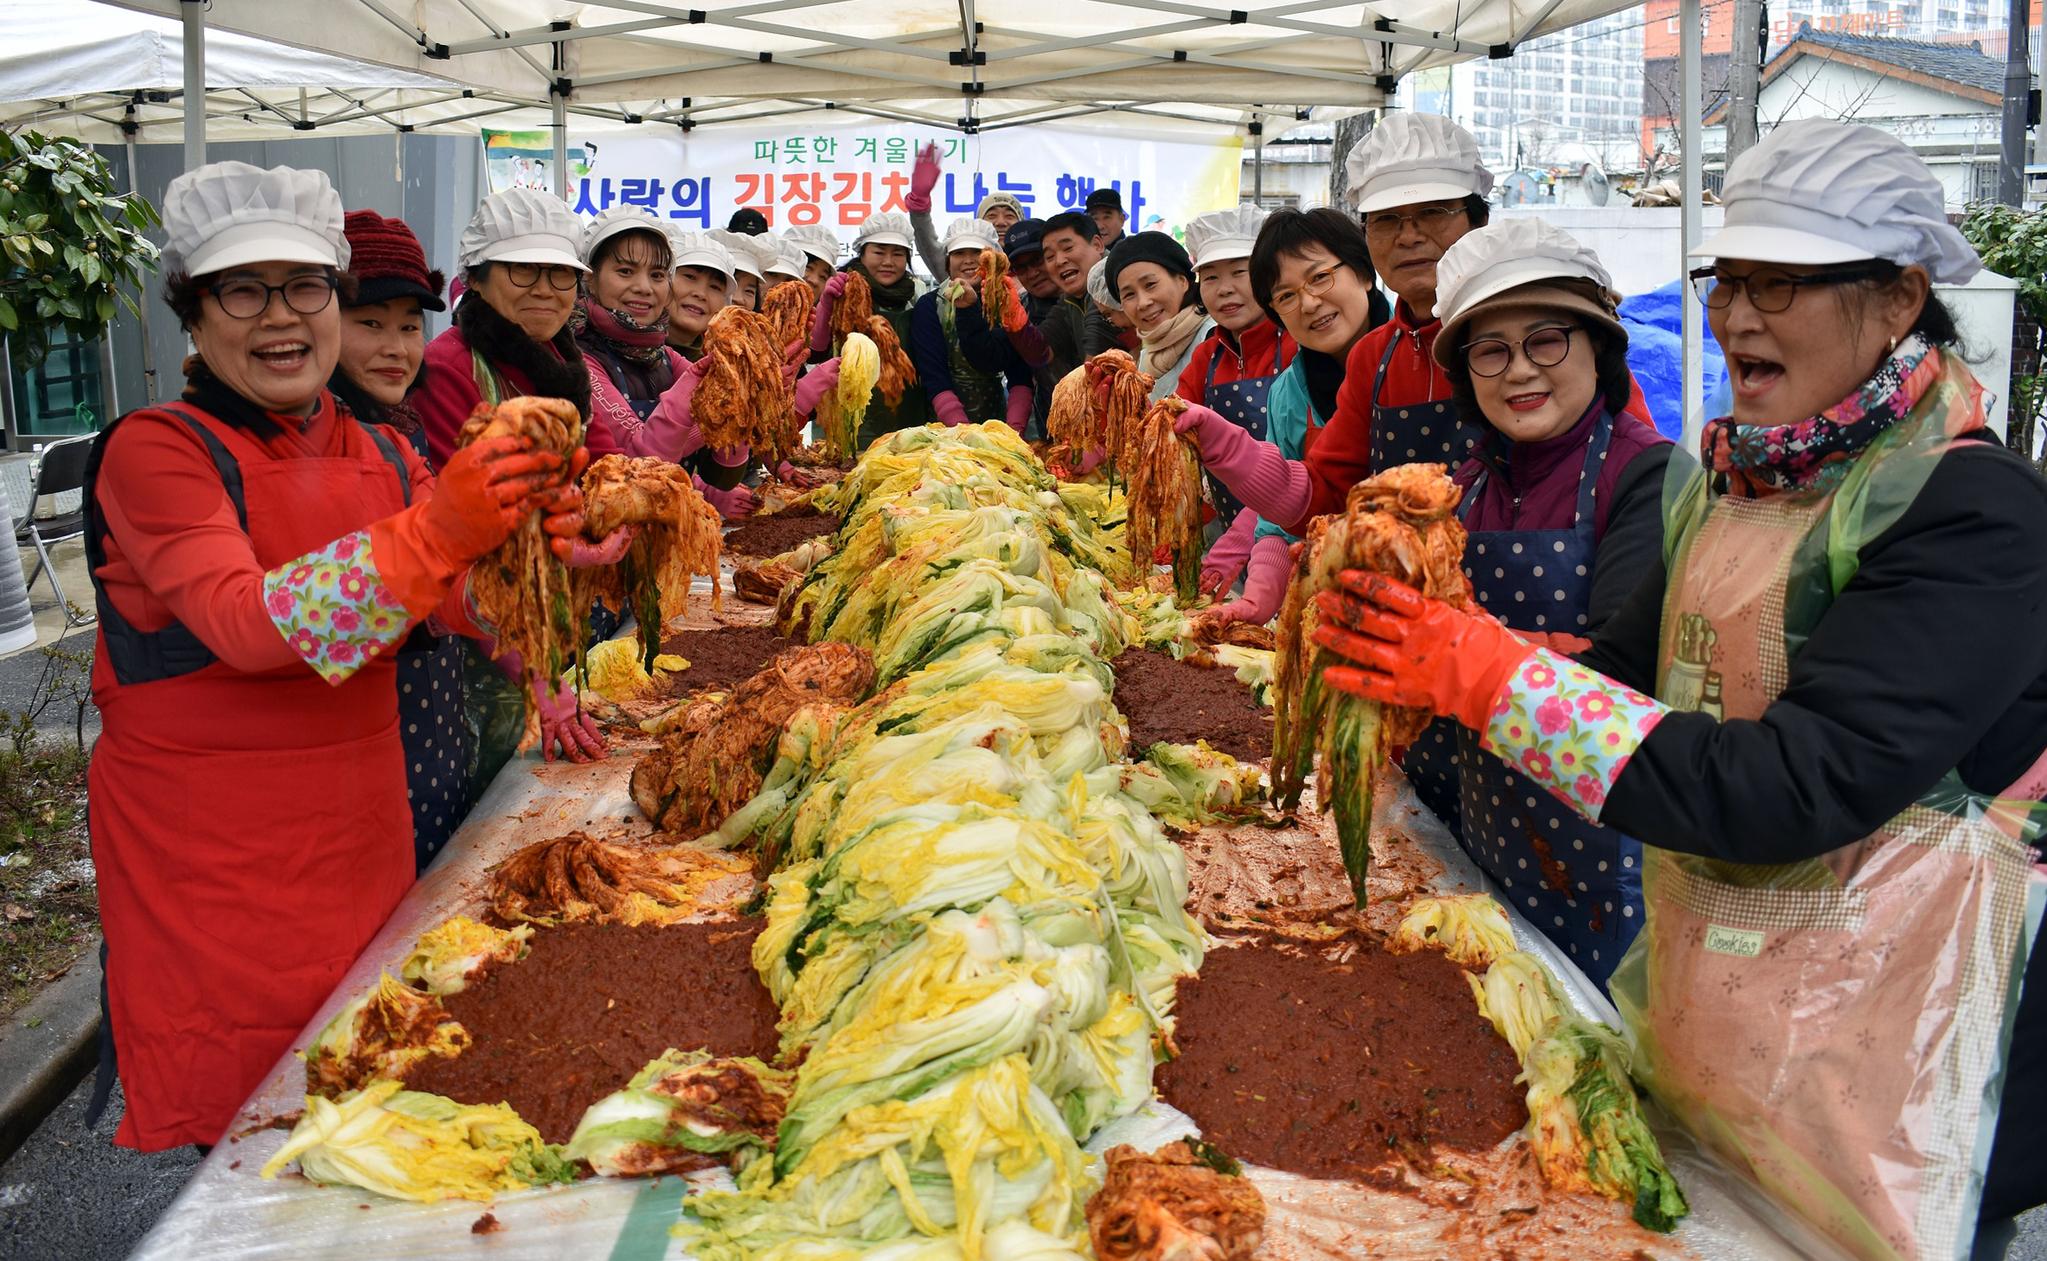 지난달 11일 광주 광산구 도산동에서 활동하는 사회단체 회원들이 사랑의 김장김치 나눔 행사를 열고 있다. 김치도 유산균 등 미생물을 활용한 발효식품이다. [연합뉴스]